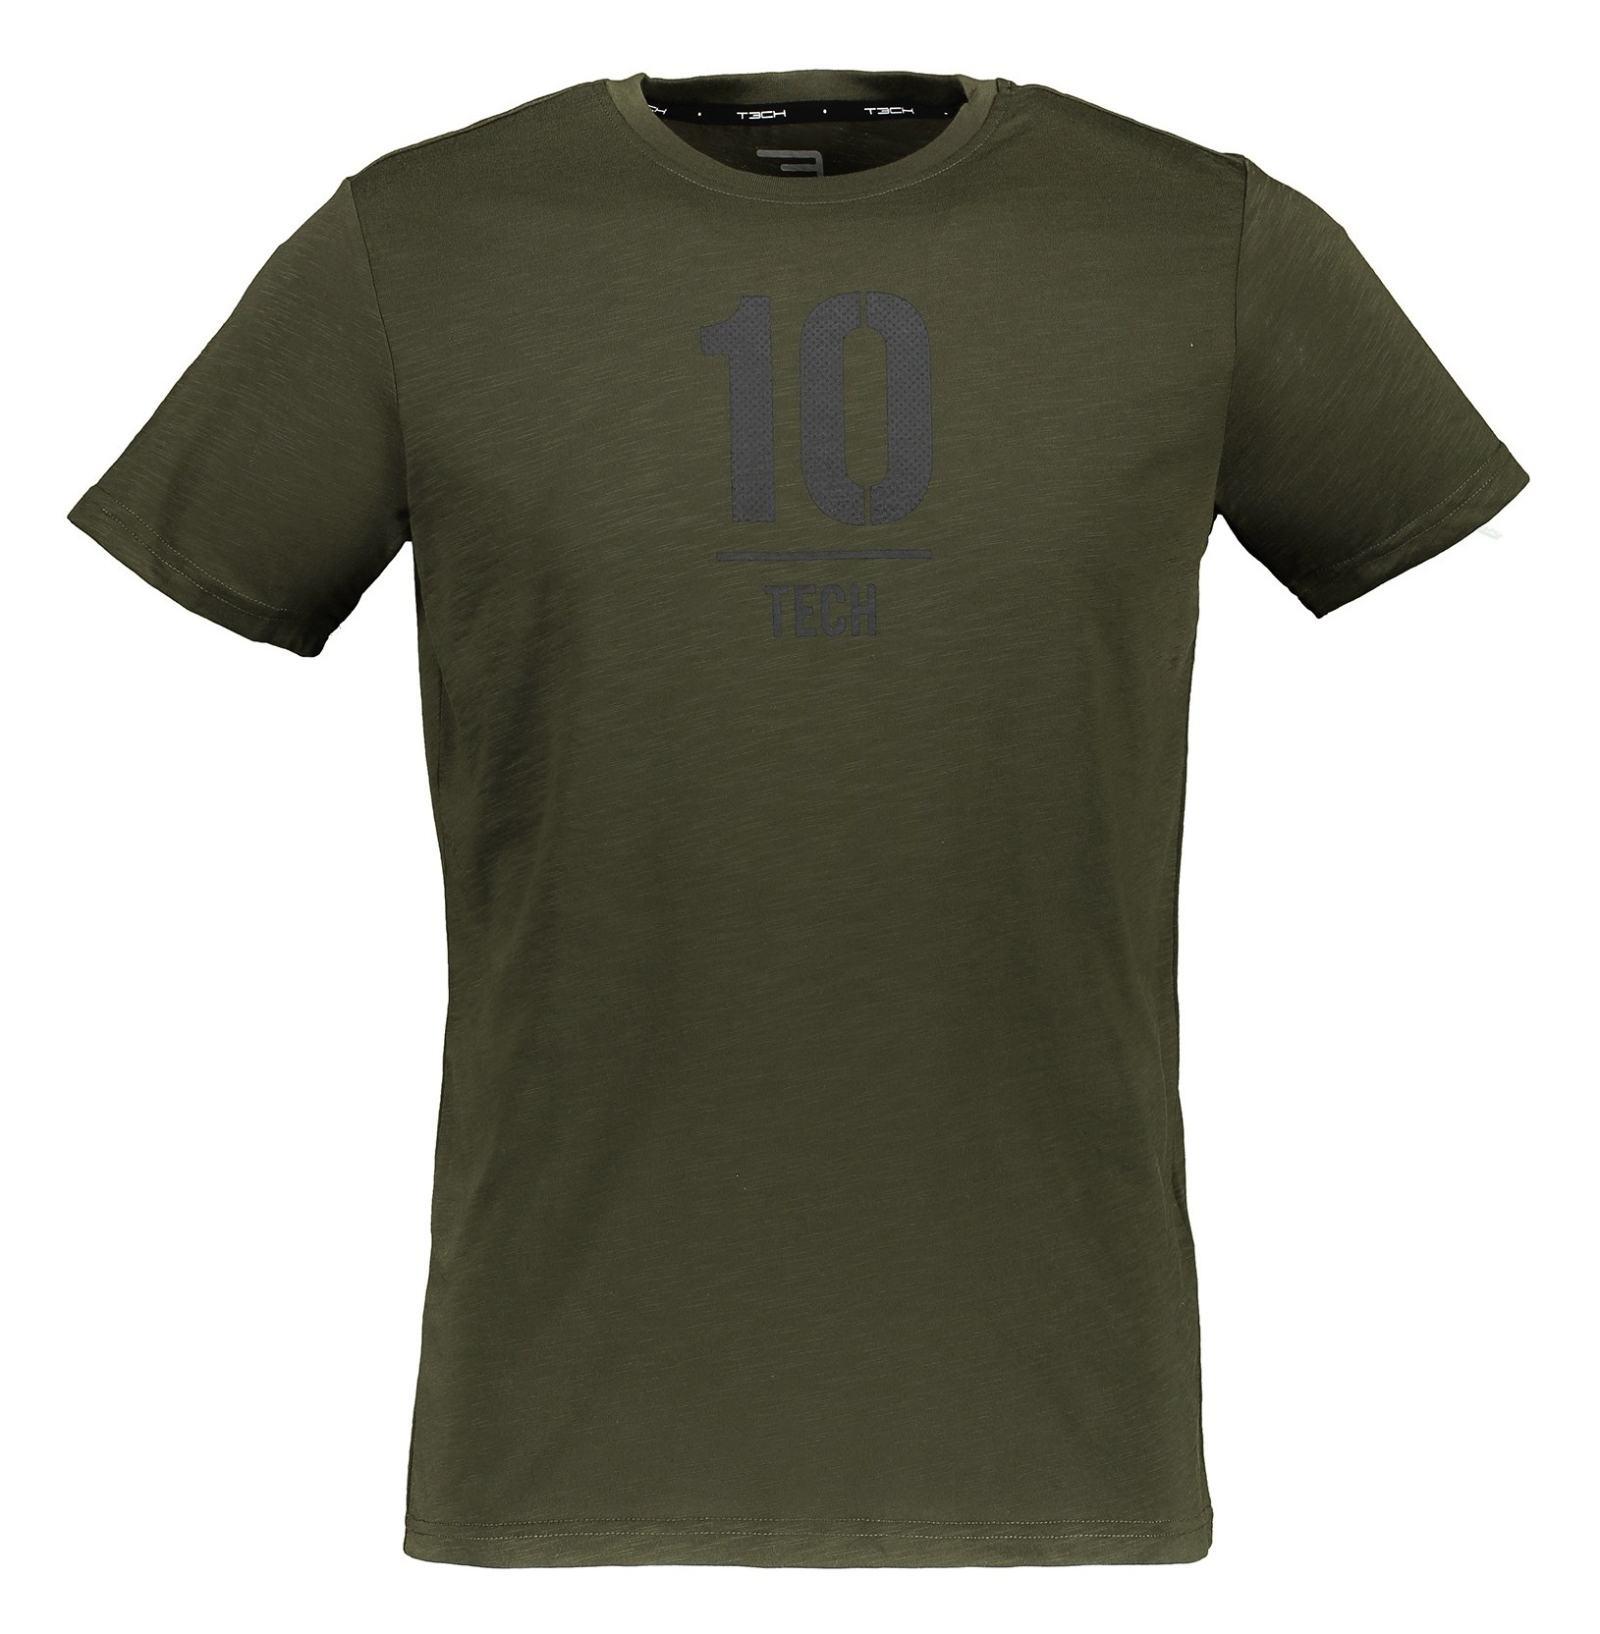 تی شرت ورزشی یقه گرد مردانه - جک اند جونز - زيتوني - 1